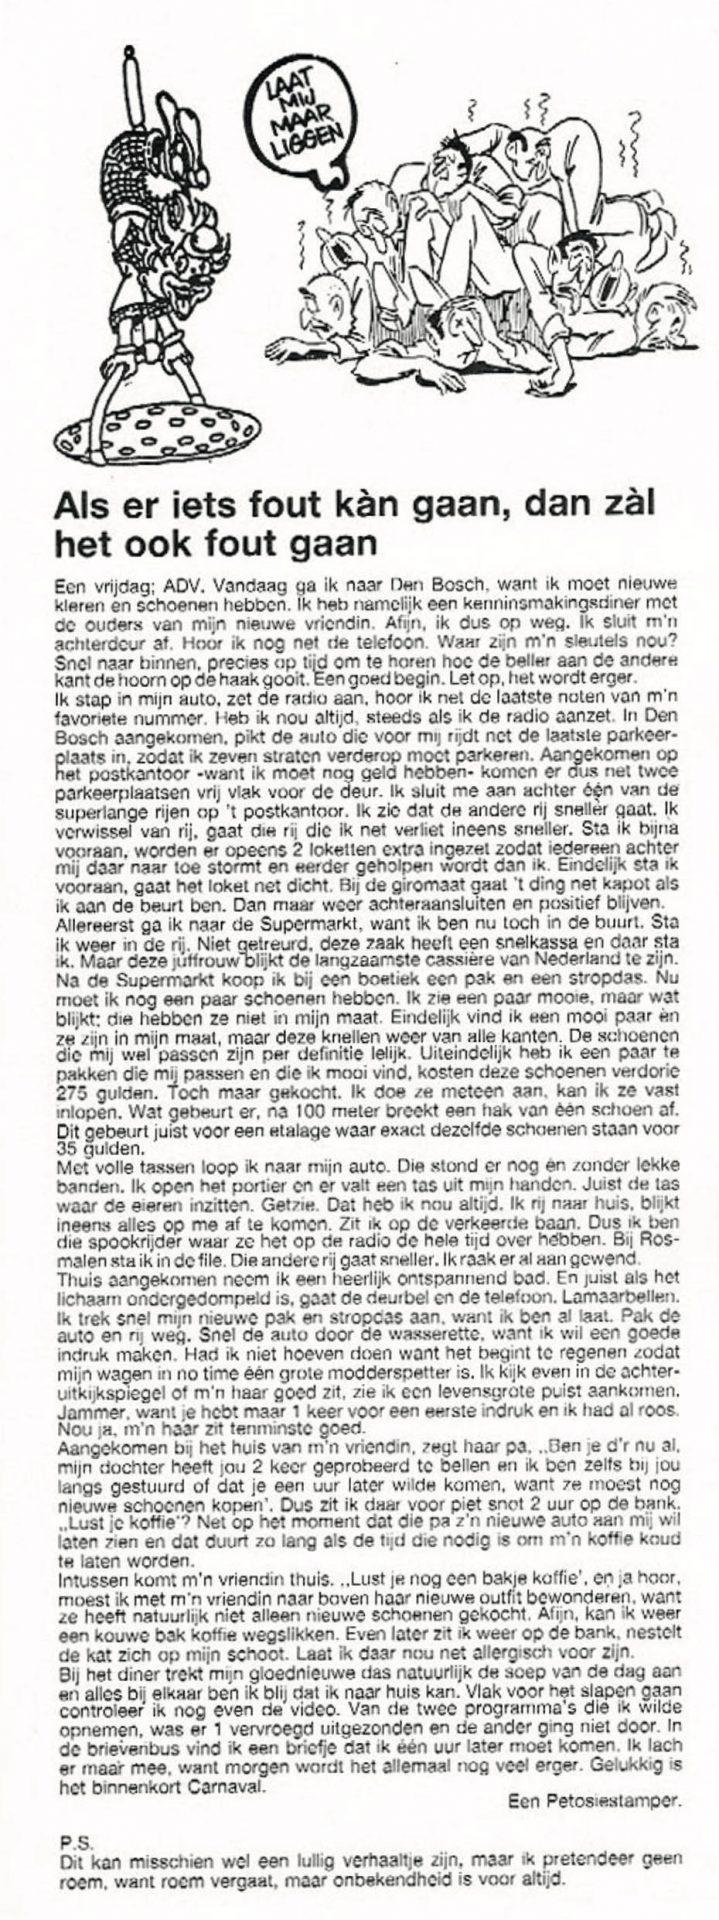 Stukje uit de carnavalskrant van de Petôsiestampers - 1992